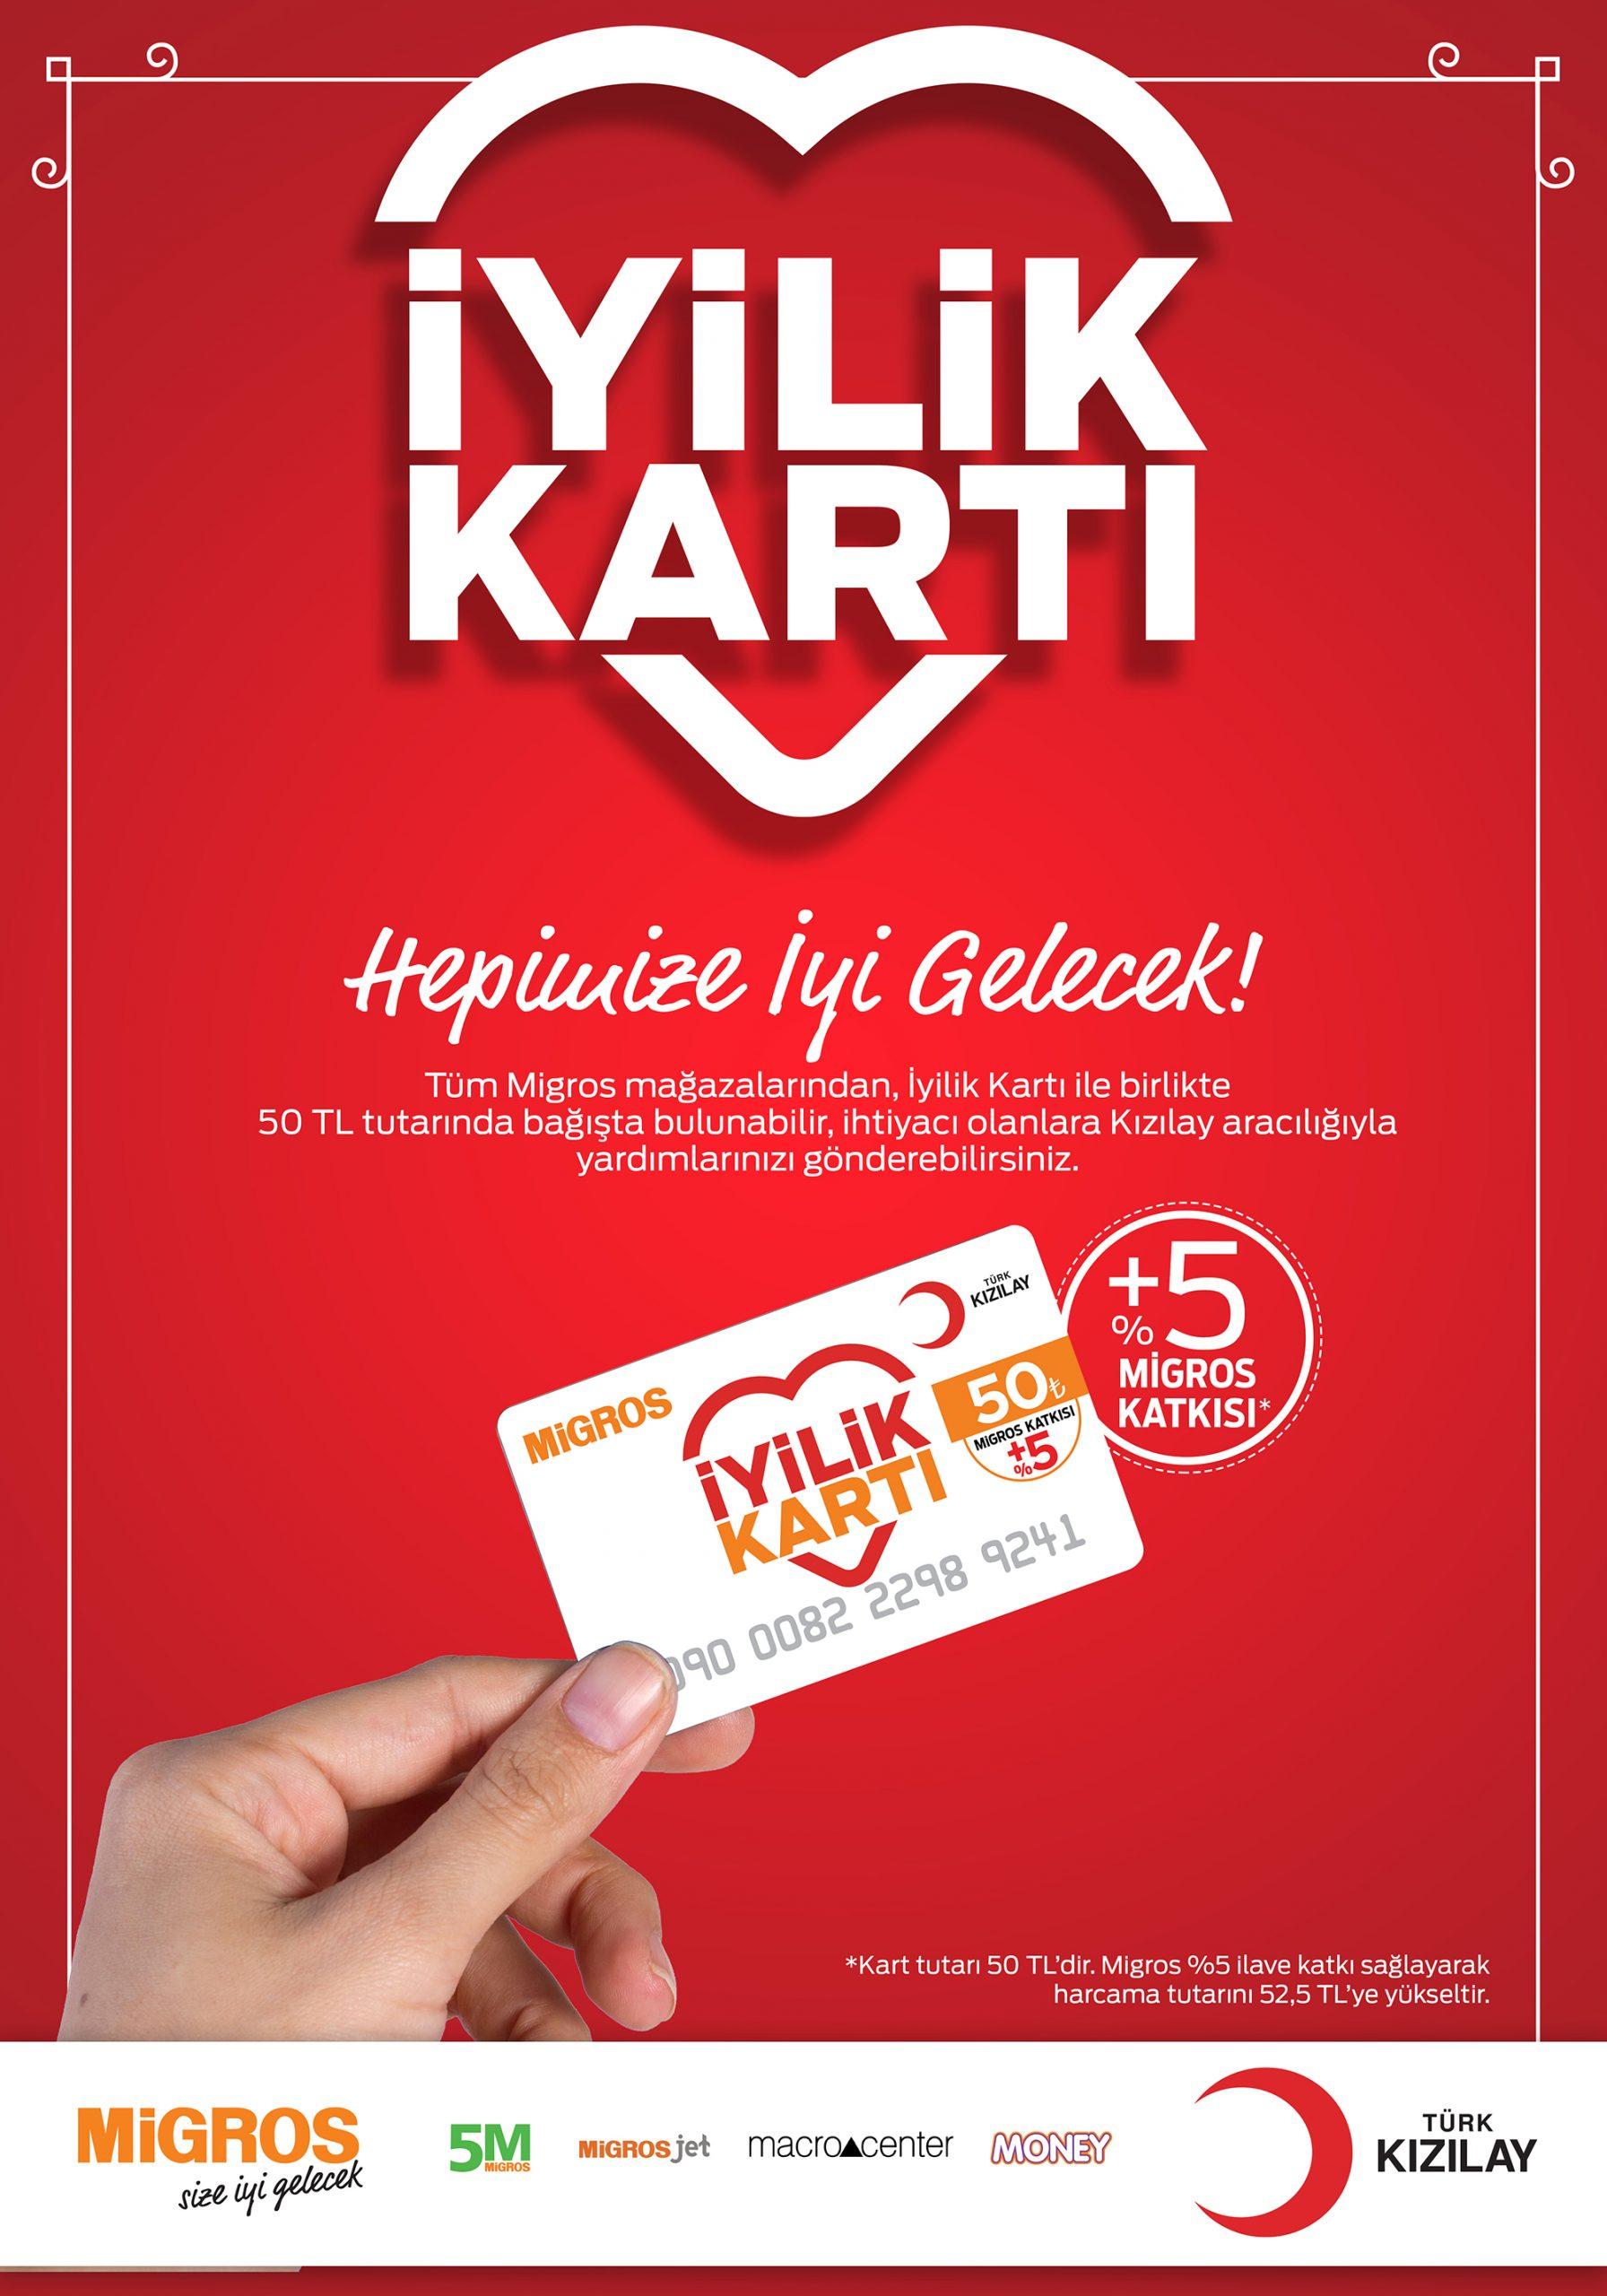 iyilik karti poster